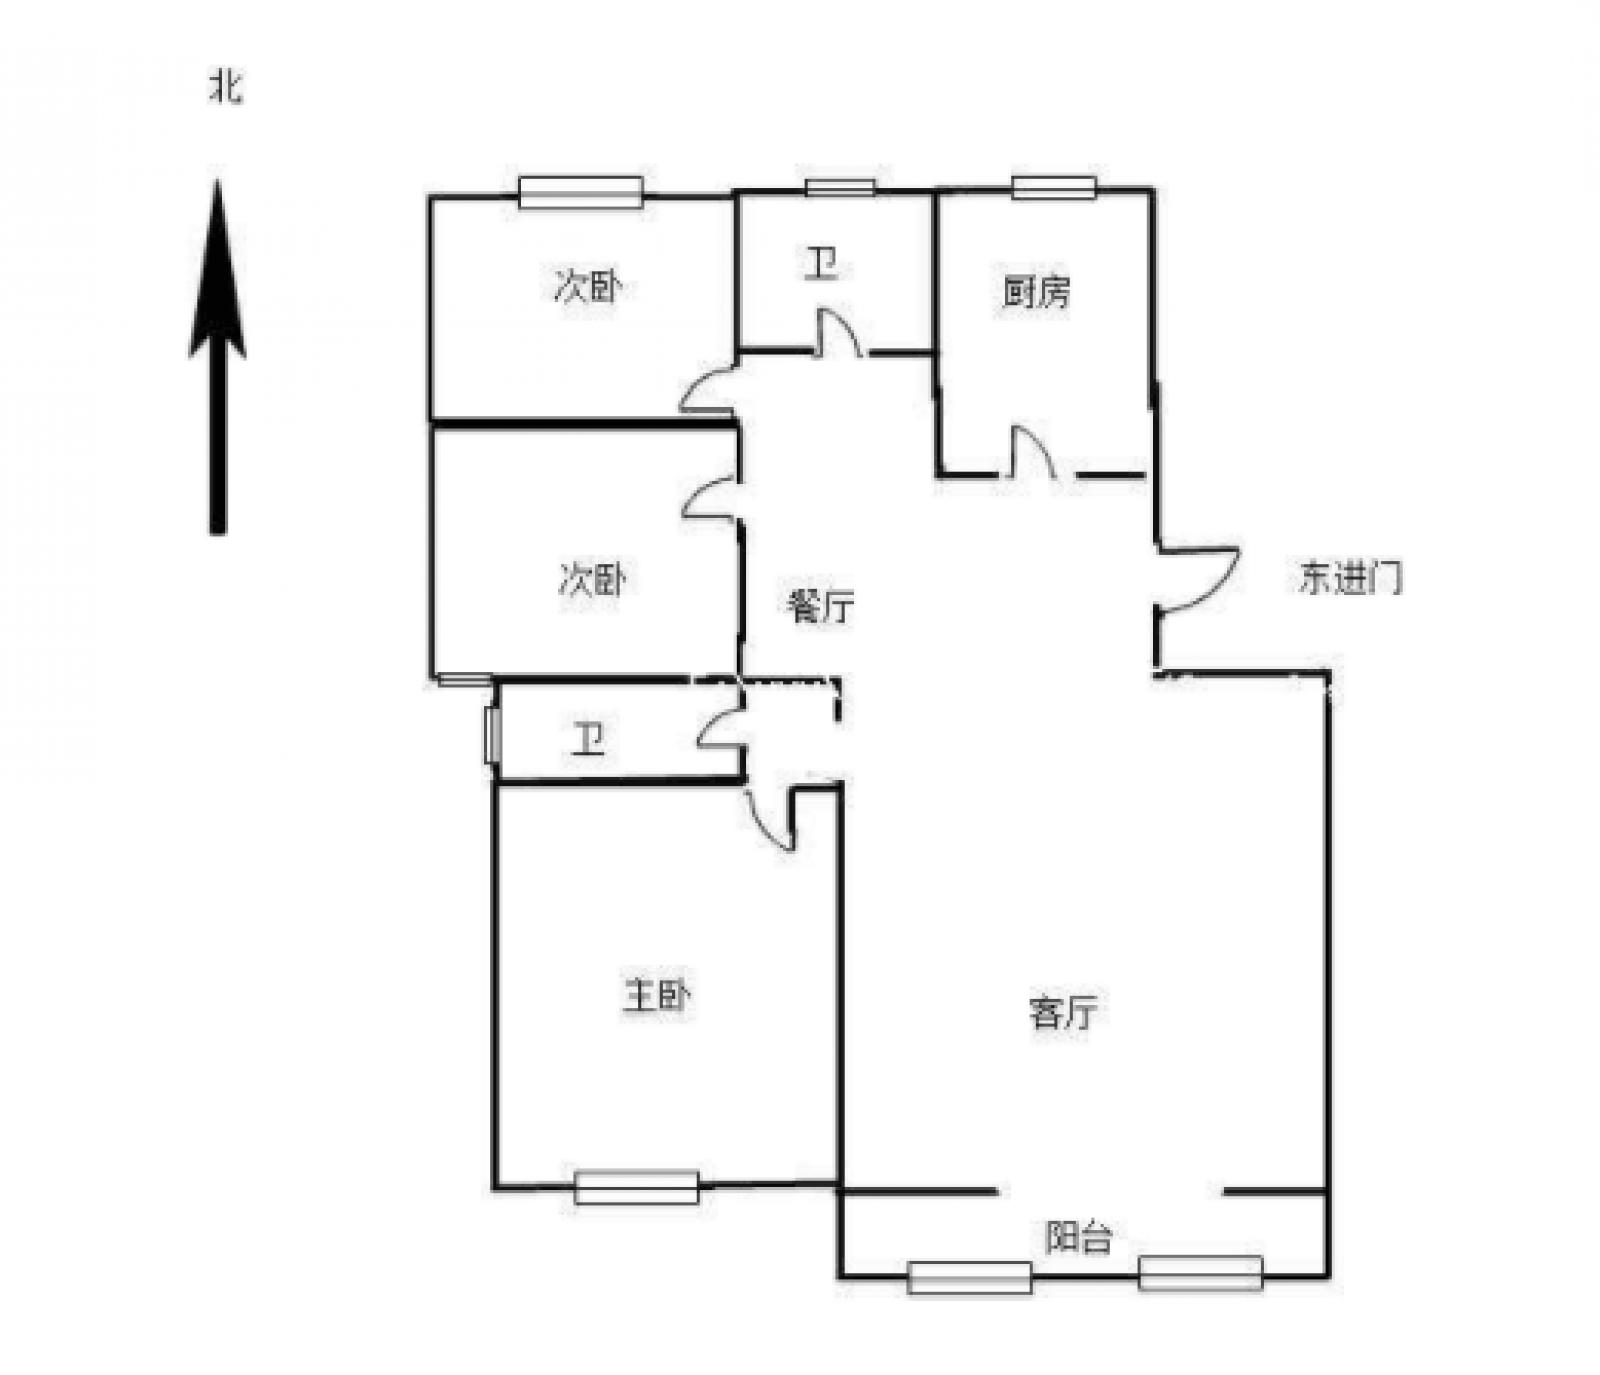 园艺小区 3室2厅121㎡